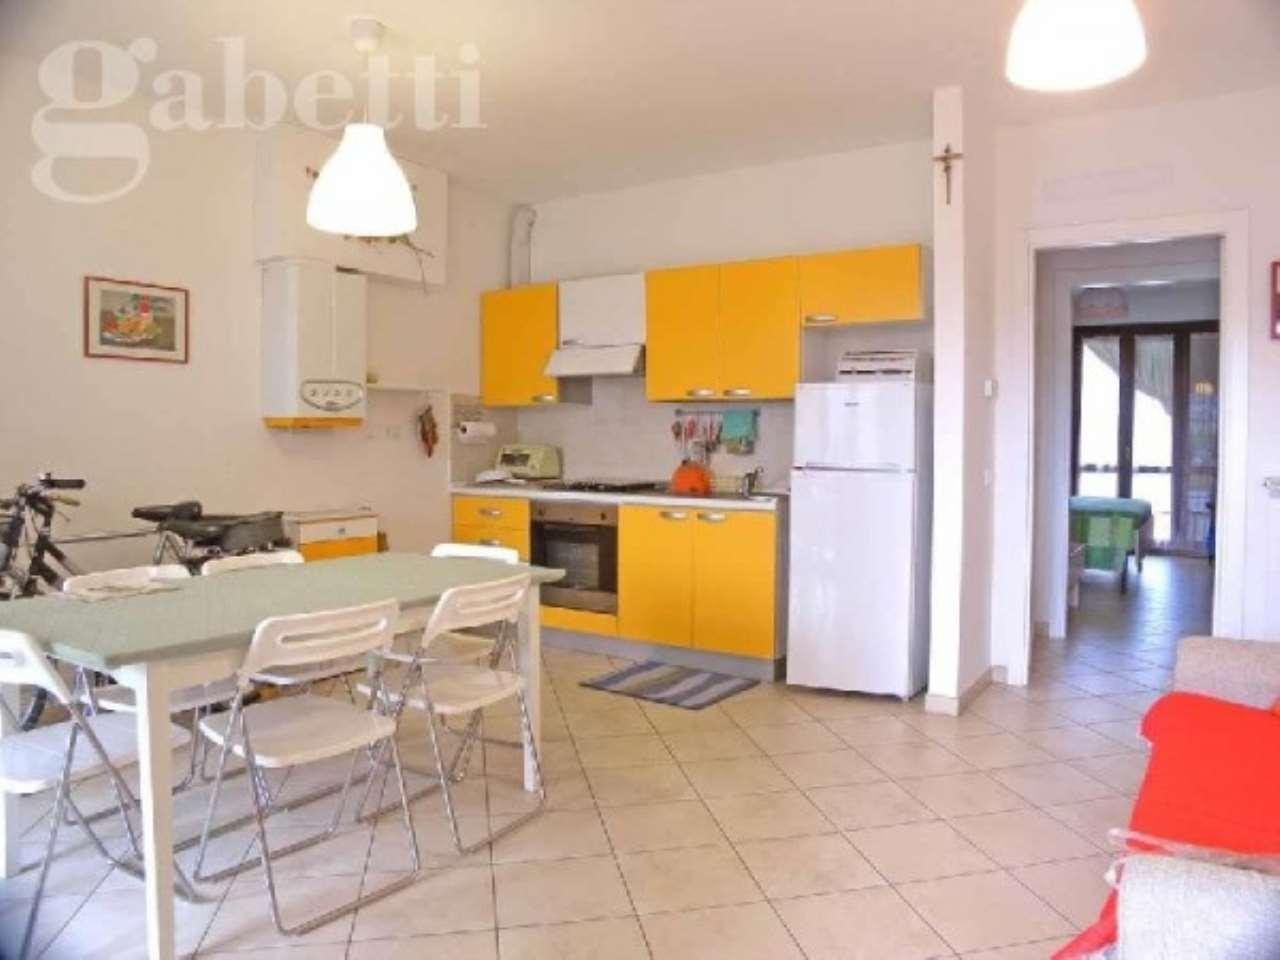 Appartamento in vendita a Senigallia, 2 locali, prezzo € 175.000 | CambioCasa.it